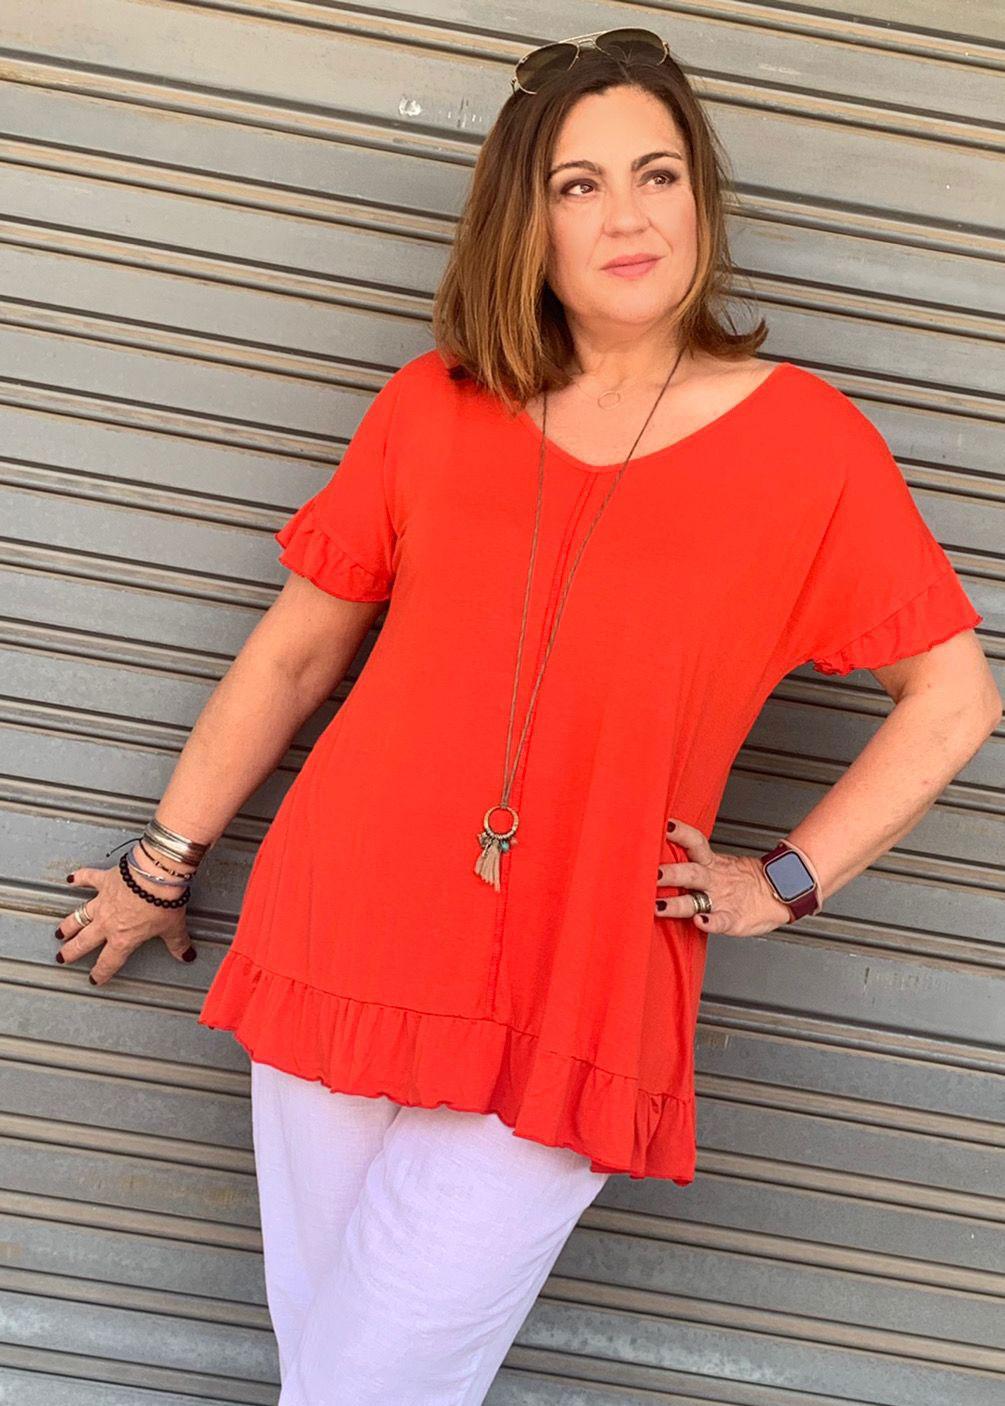 Camiseta punto circular volante tejido suave fluida verano tallasa grandes curvy comoda